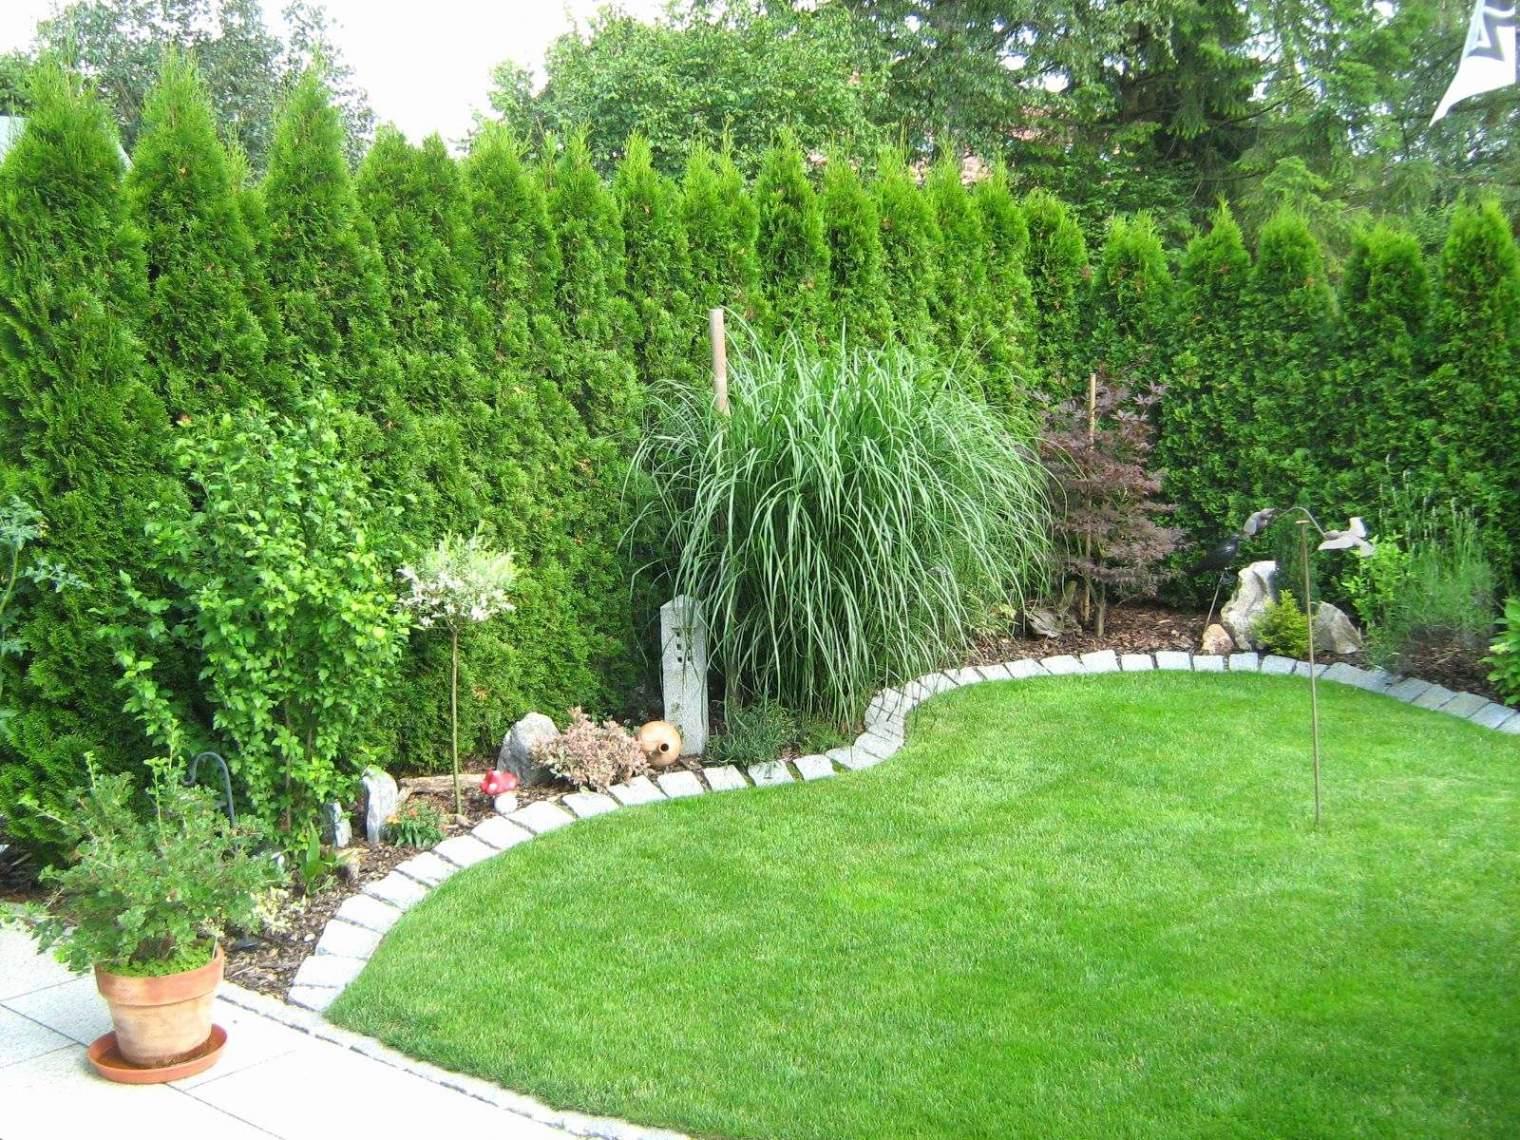 Naturnaher Garten Pflegeleicht Anlegen Elegant Hang Gestalten Pflegeleicht — Temobardz Home Blog